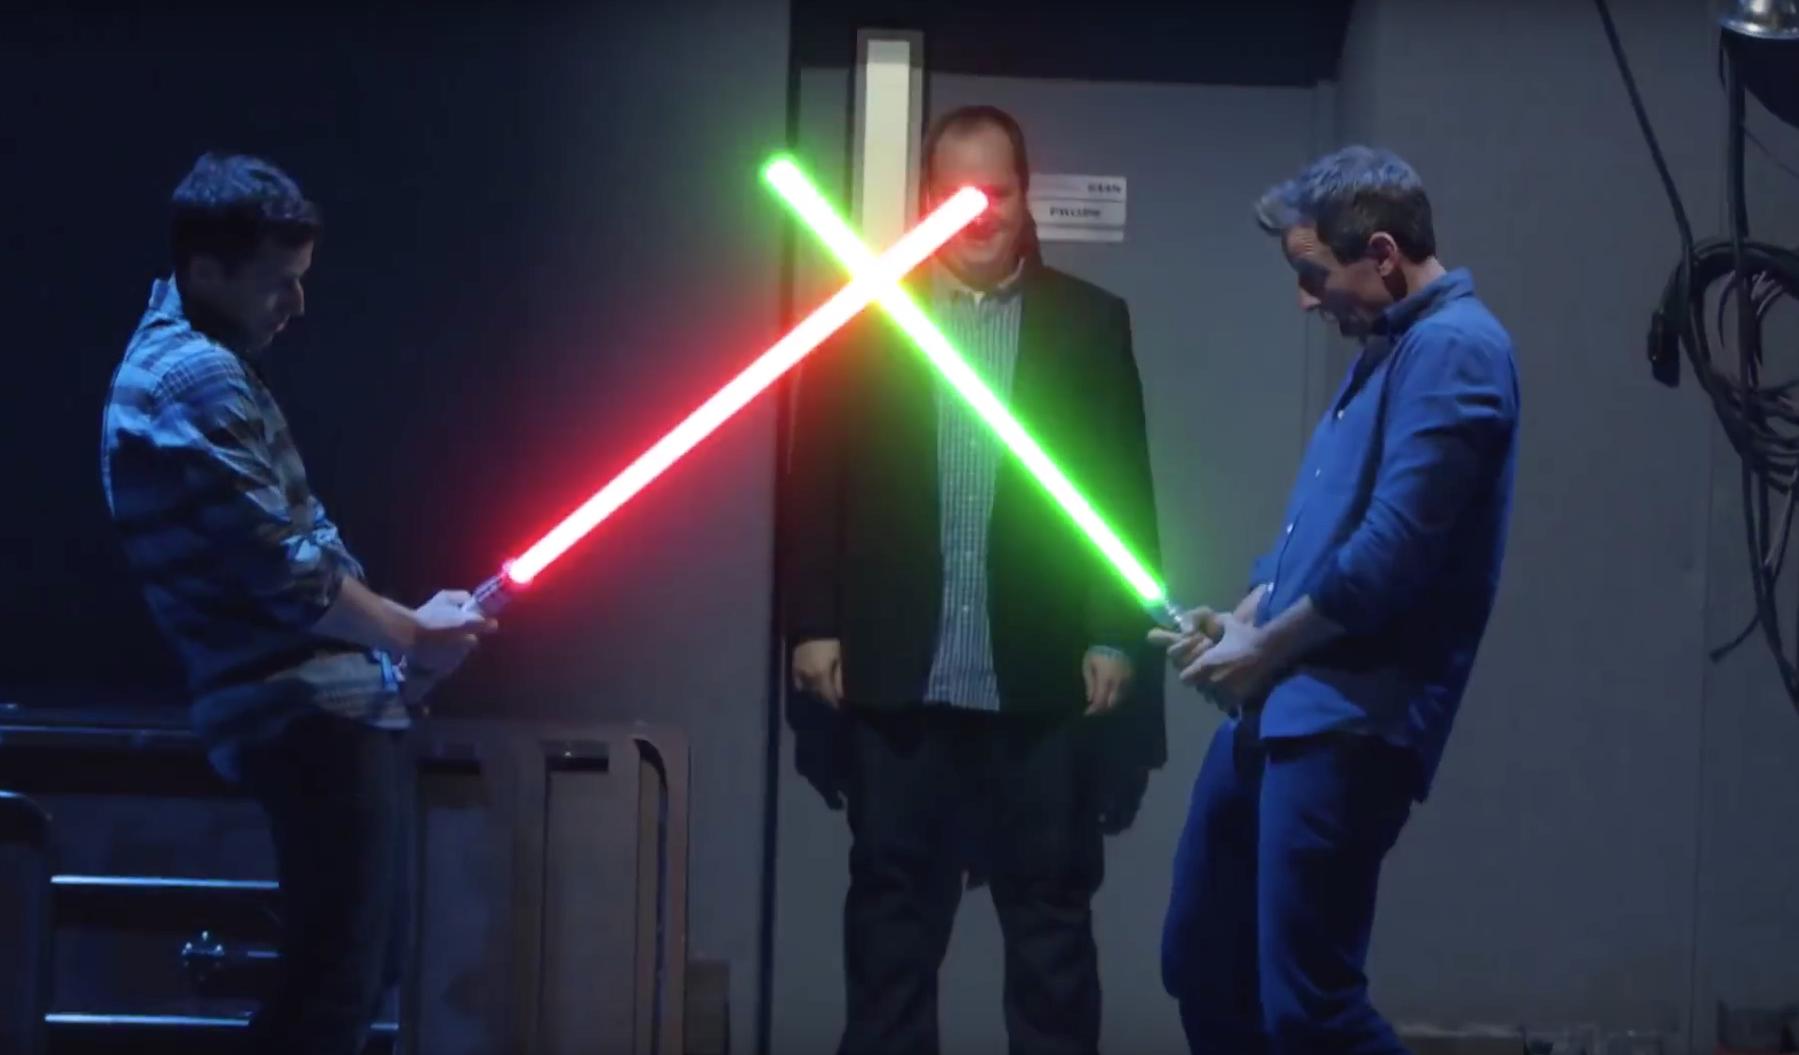 Star Wars Lightsaber Duel Png & Free Star Wars Lightsaber.